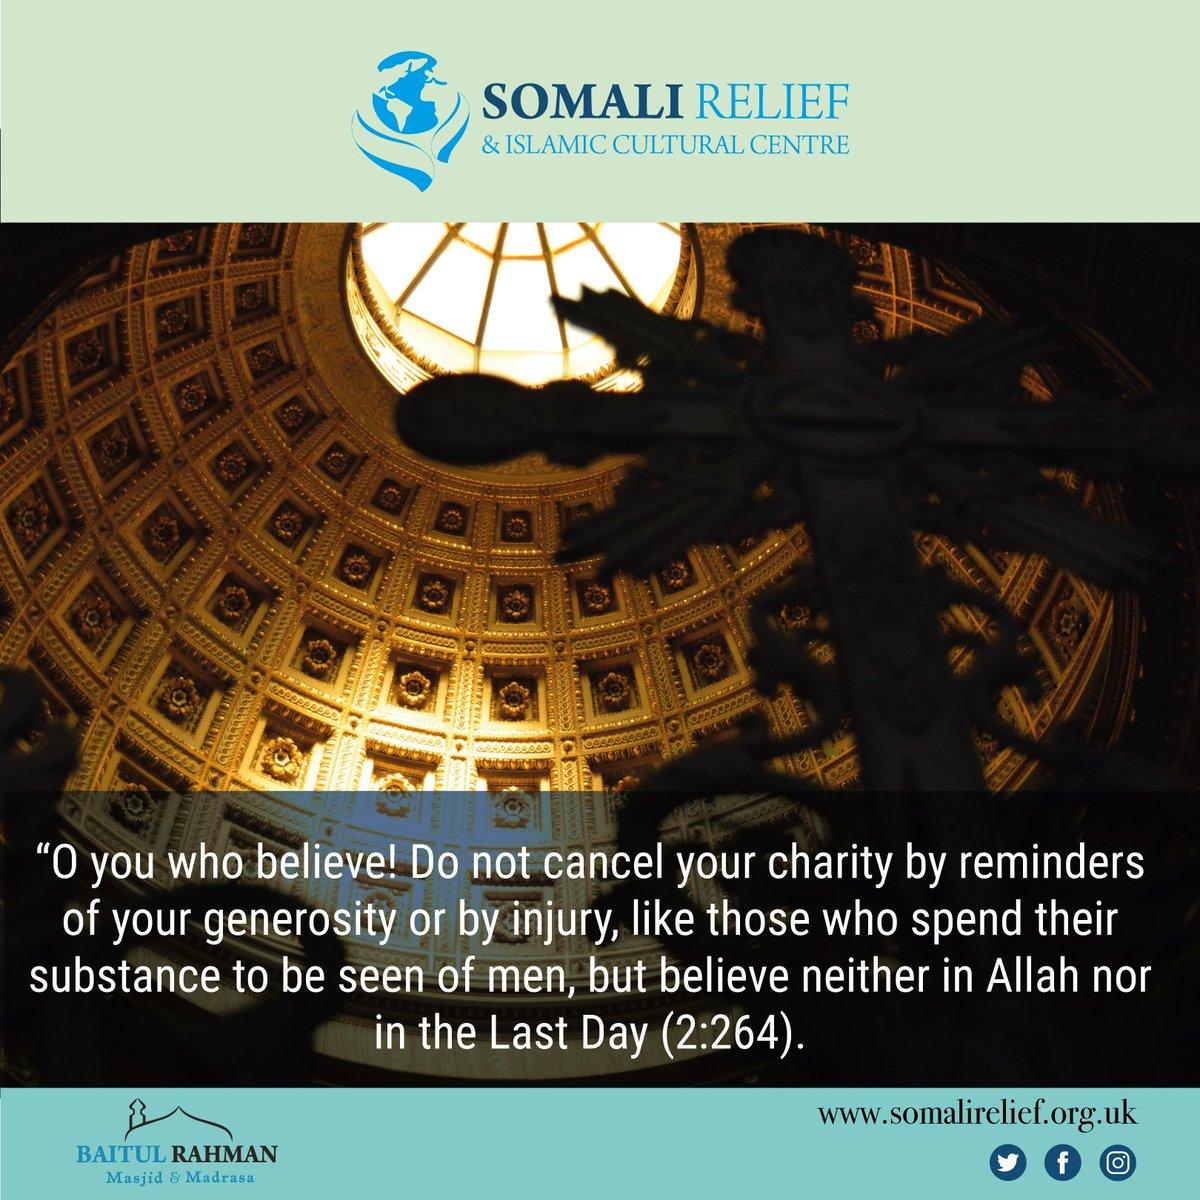 Have a blessed Friday!  #2021 #somalirelief #mosque #masjid #Allah  #sadaqah #islam #ramadan #charity #quran #zakat #muslim #allah #sunnah #dua #salah #muslimah #donate #prophetmuhammad #islamic #muslims #deen #taqwa #prayer #infaq #ummah #pray #hadith   #alhamdulillah #bhfyp